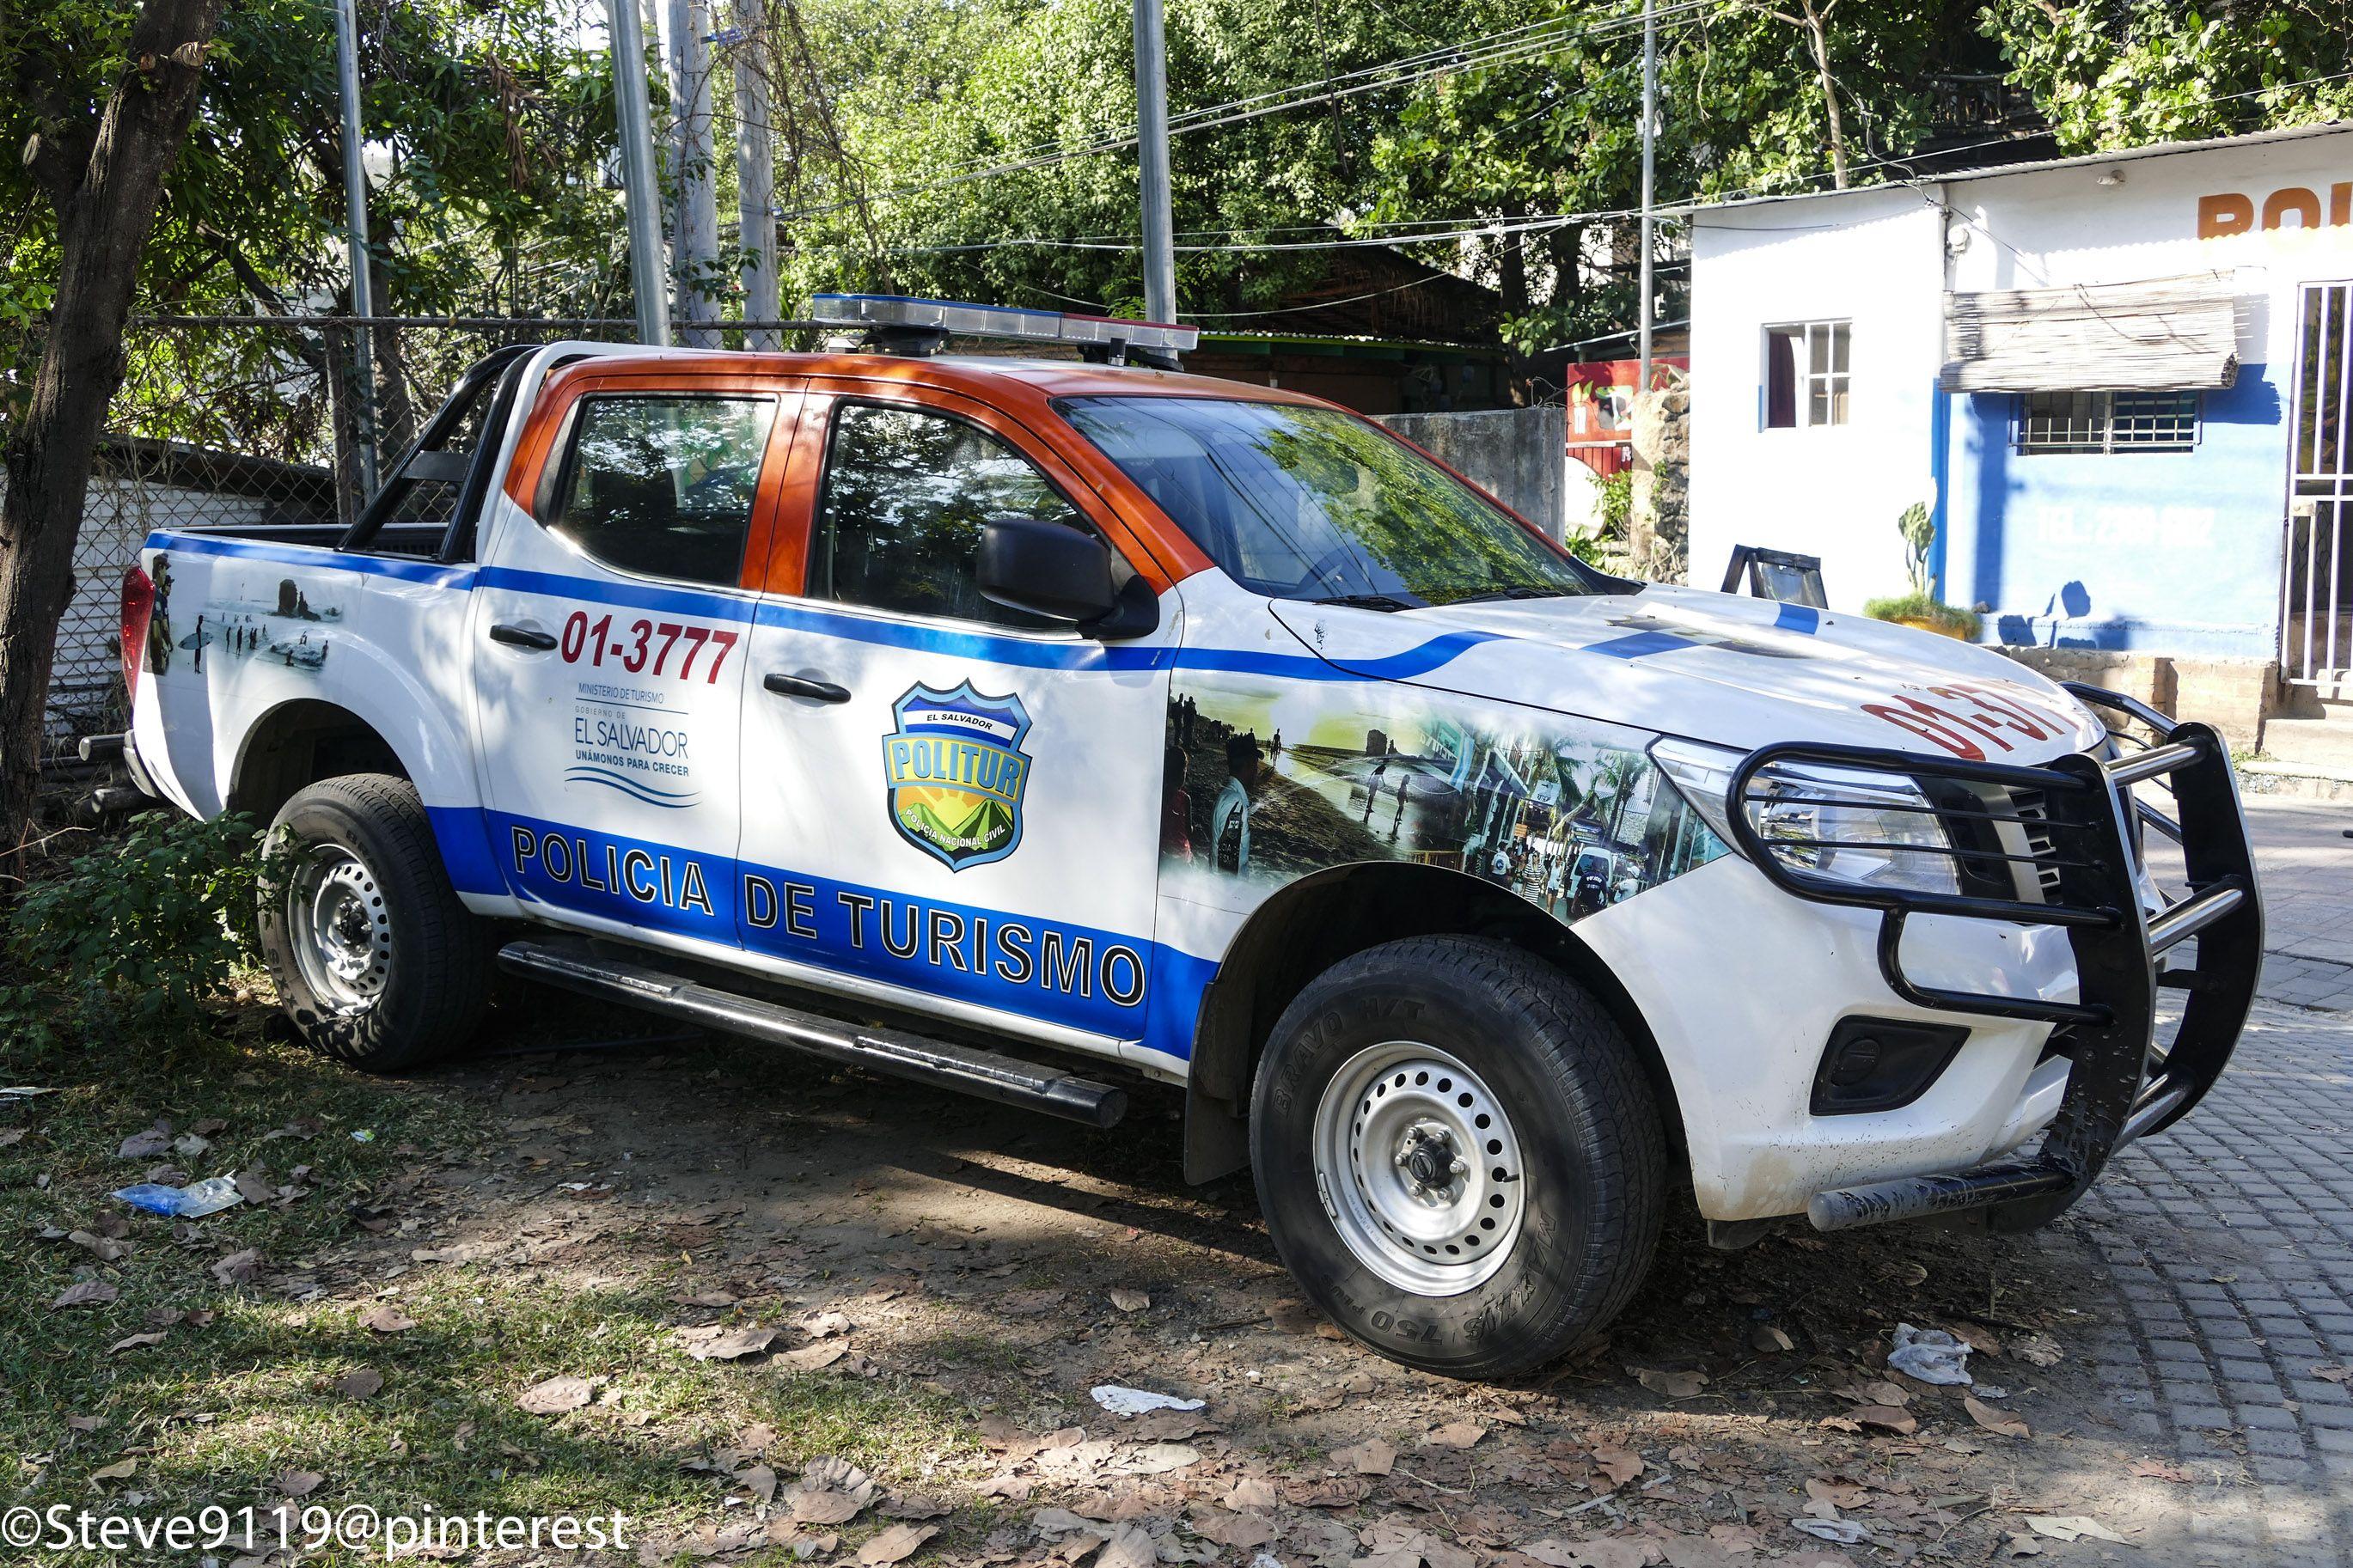 Policia De Turismo El Tunco El Salvador Police Cars Old Police Cars Police